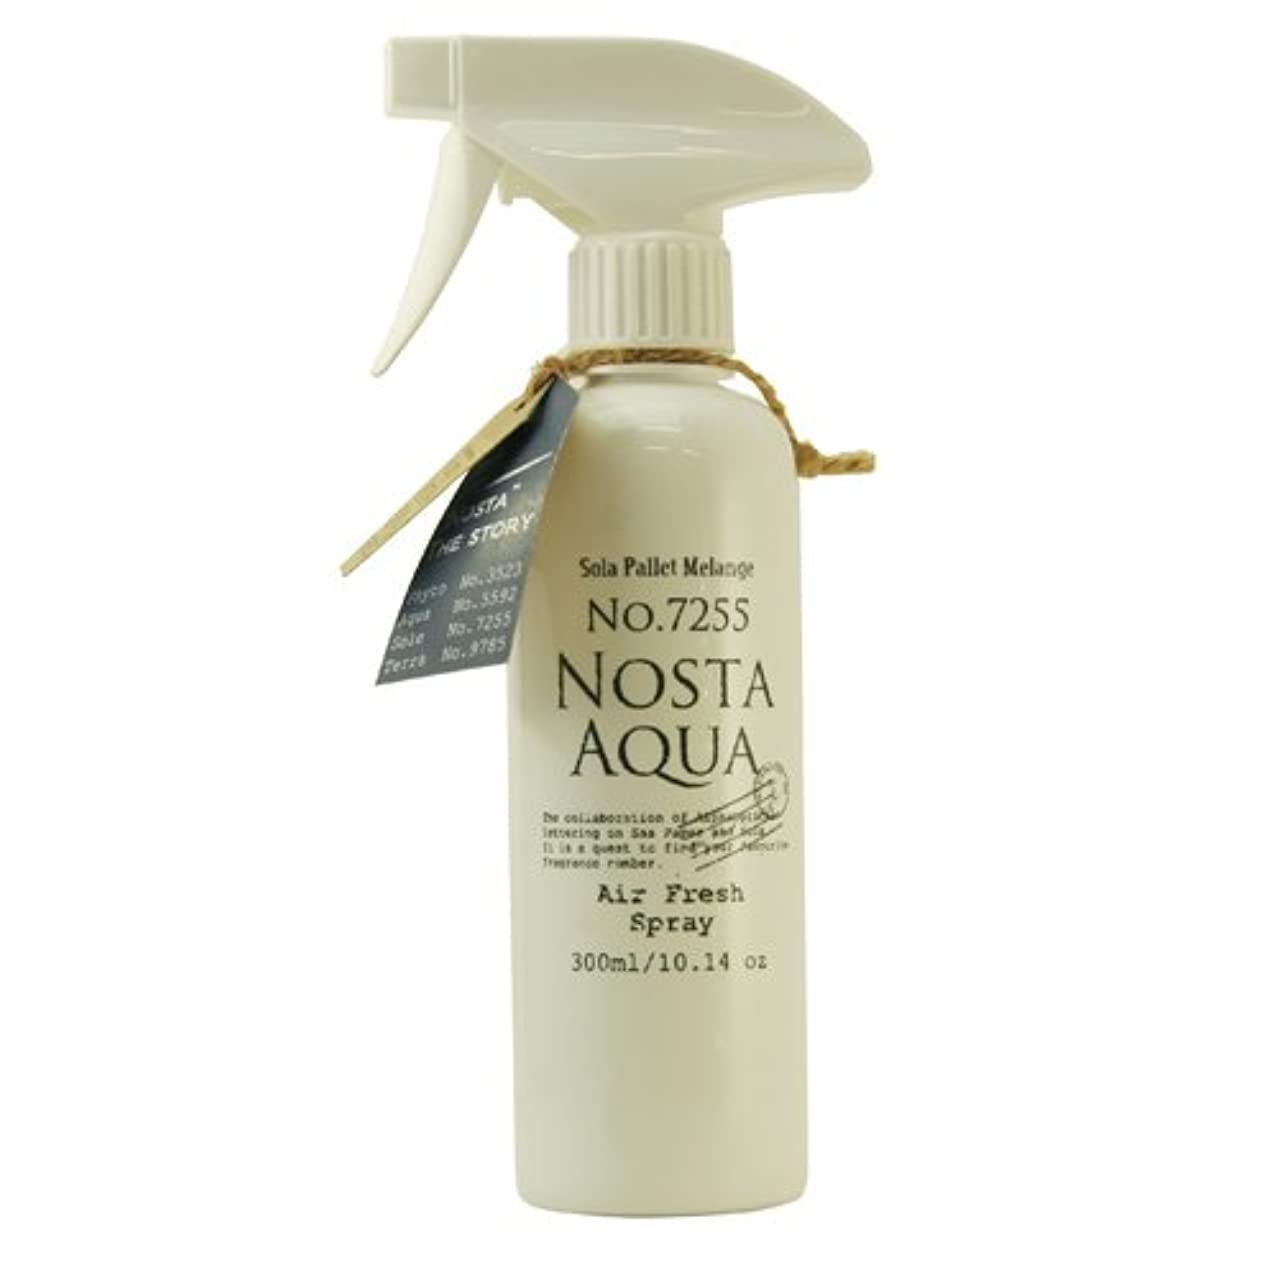 打撃剣カンガルーNosta ノスタ Air Fresh Spray エアーフレッシュスプレー(ルームスプレー)Aqua アクア / 生命の起源